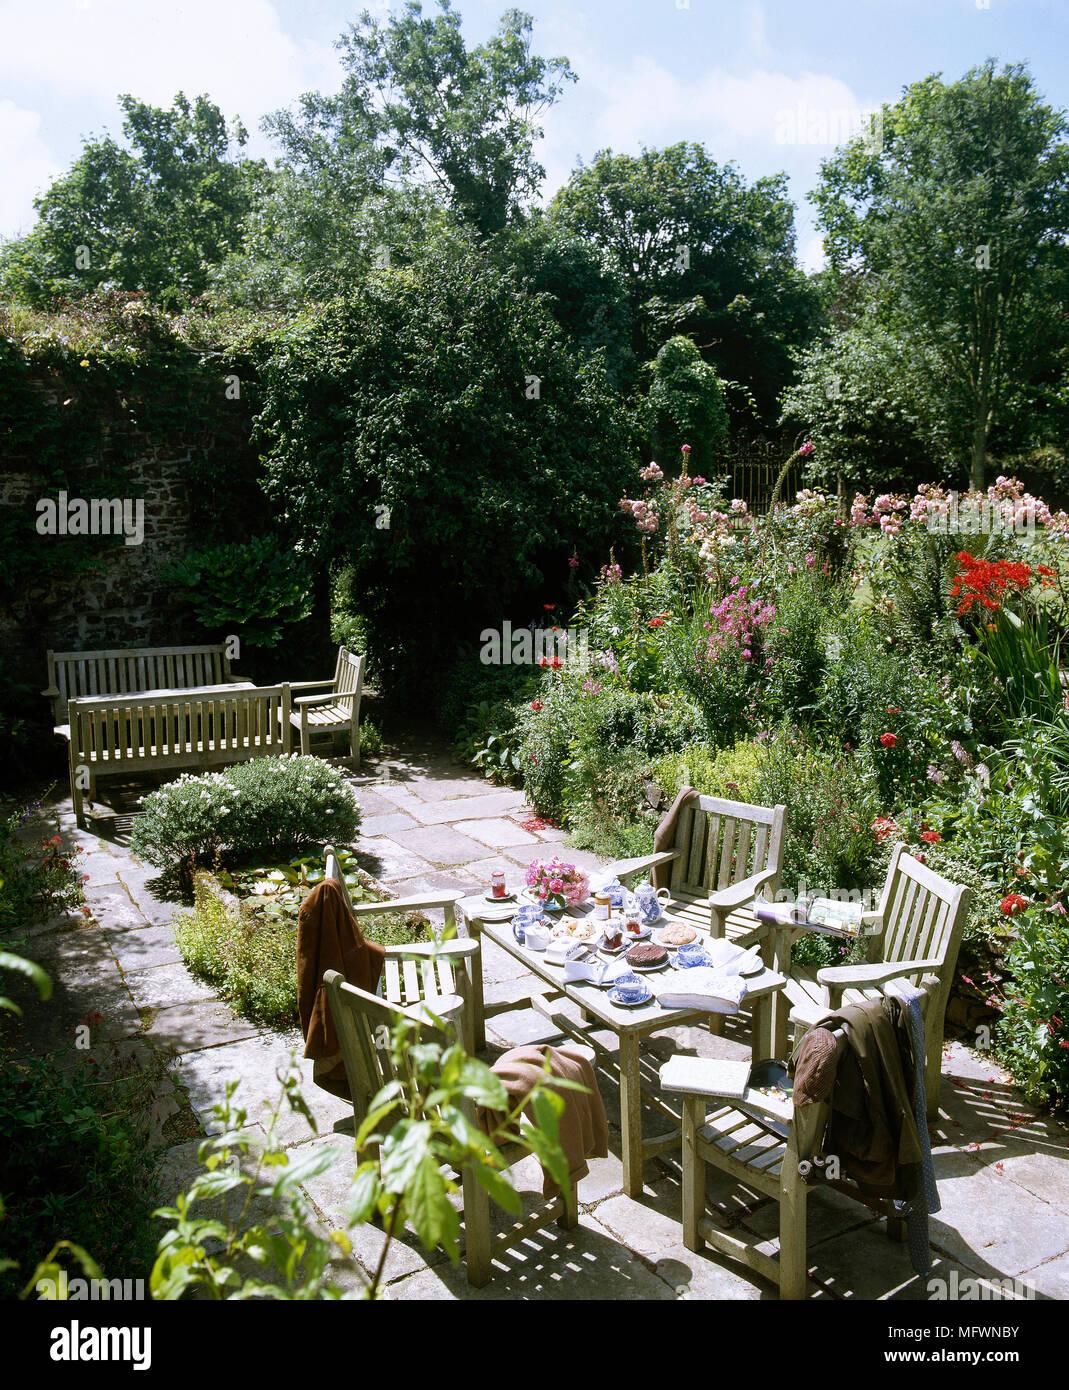 Wunderschön Garten Terrasse Beste Wahl Hintere Mit Esstisch Und Stühlen, Bank, Sitzecke